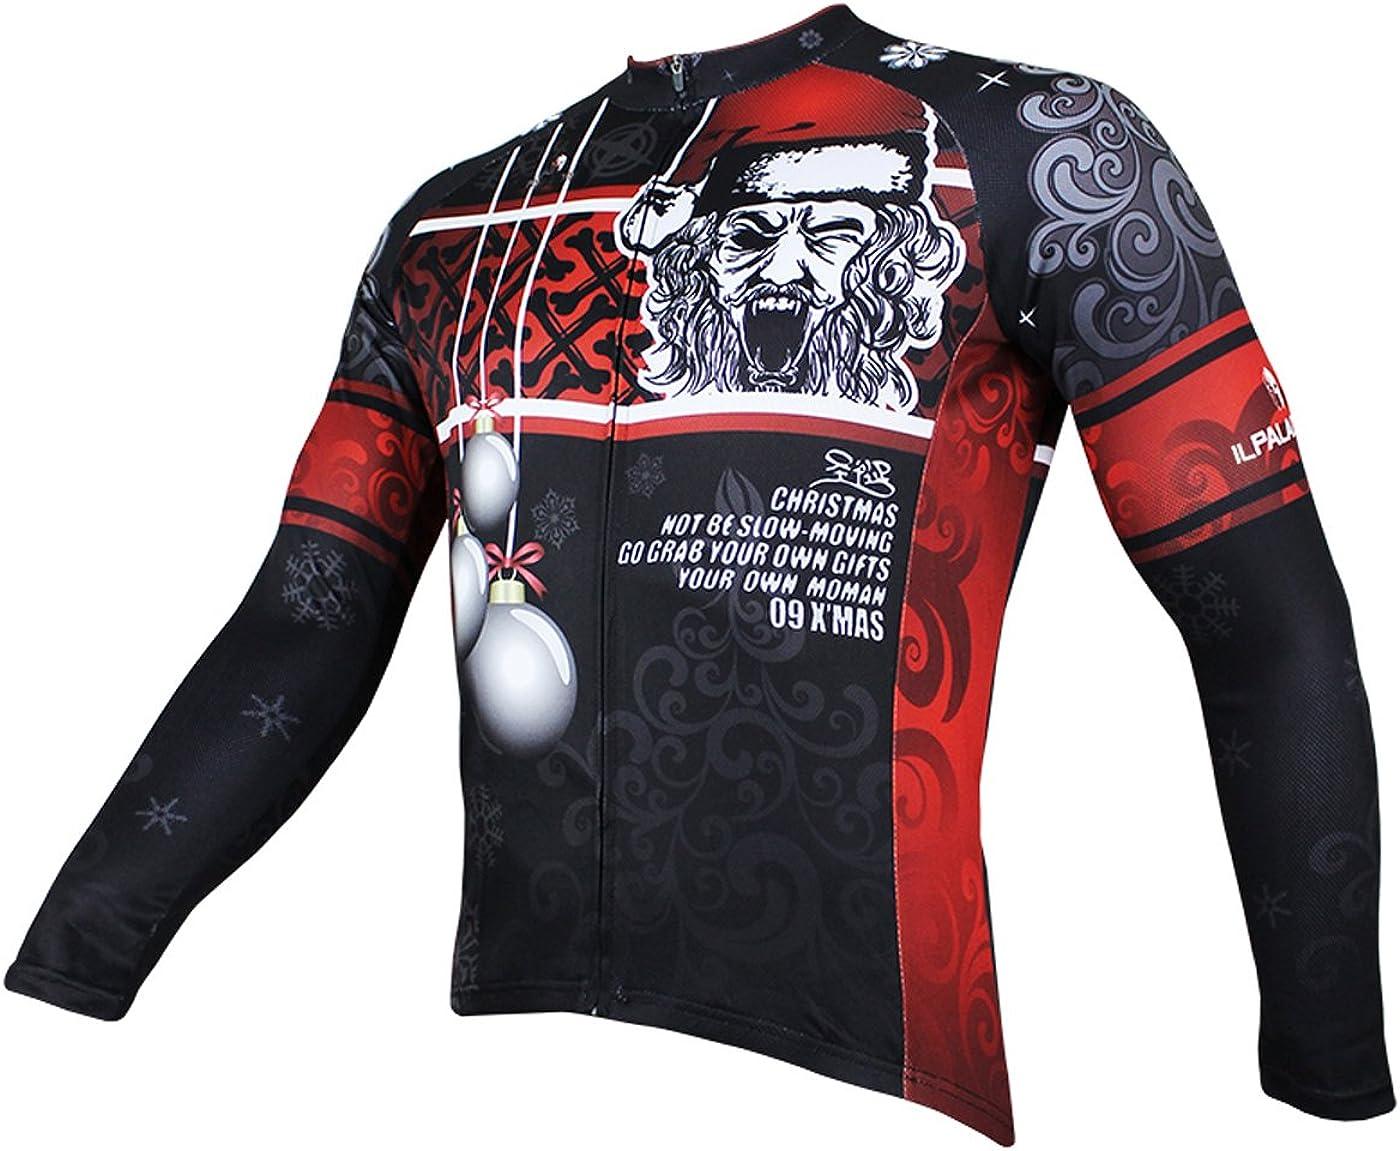 ILPALADINO Bike Jersey Mens Long Sleeve Christmas Pattern Size XL